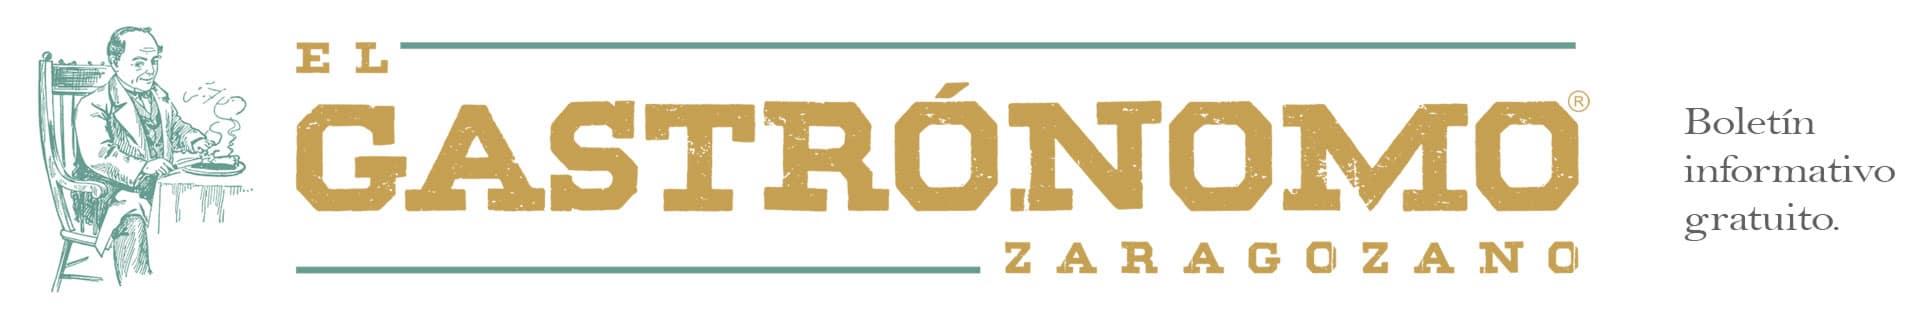 El Gastrónomo Zaragozano